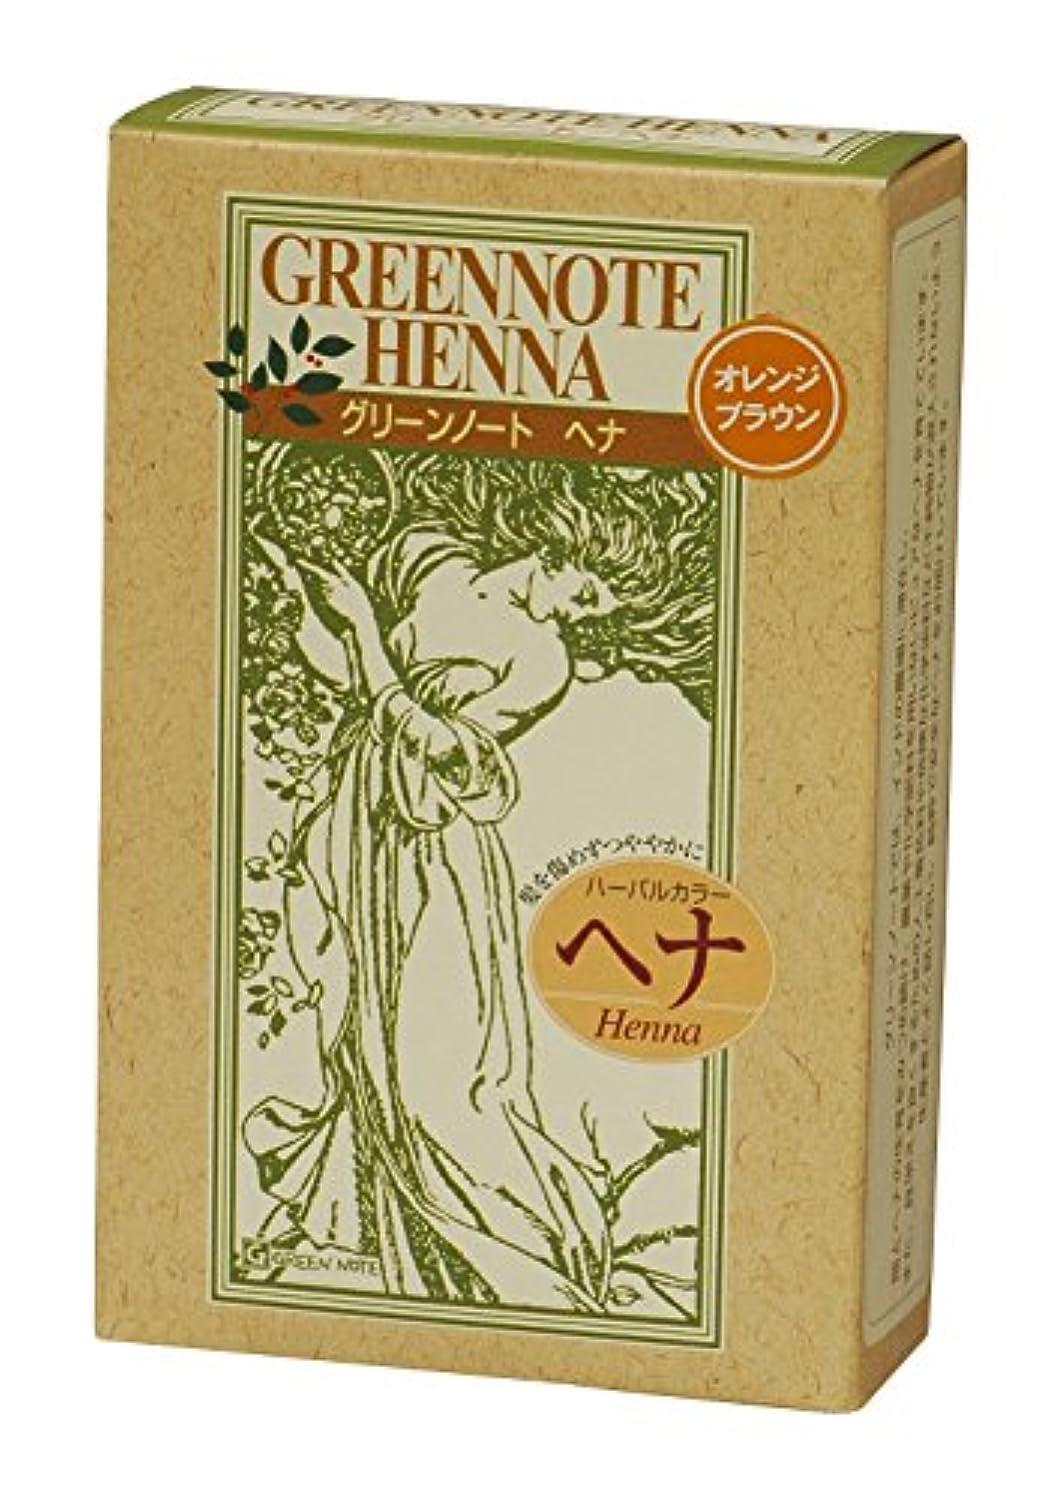 老朽化した数学批判的グリーンノートグリーンノートヘナ オレンジブラウン